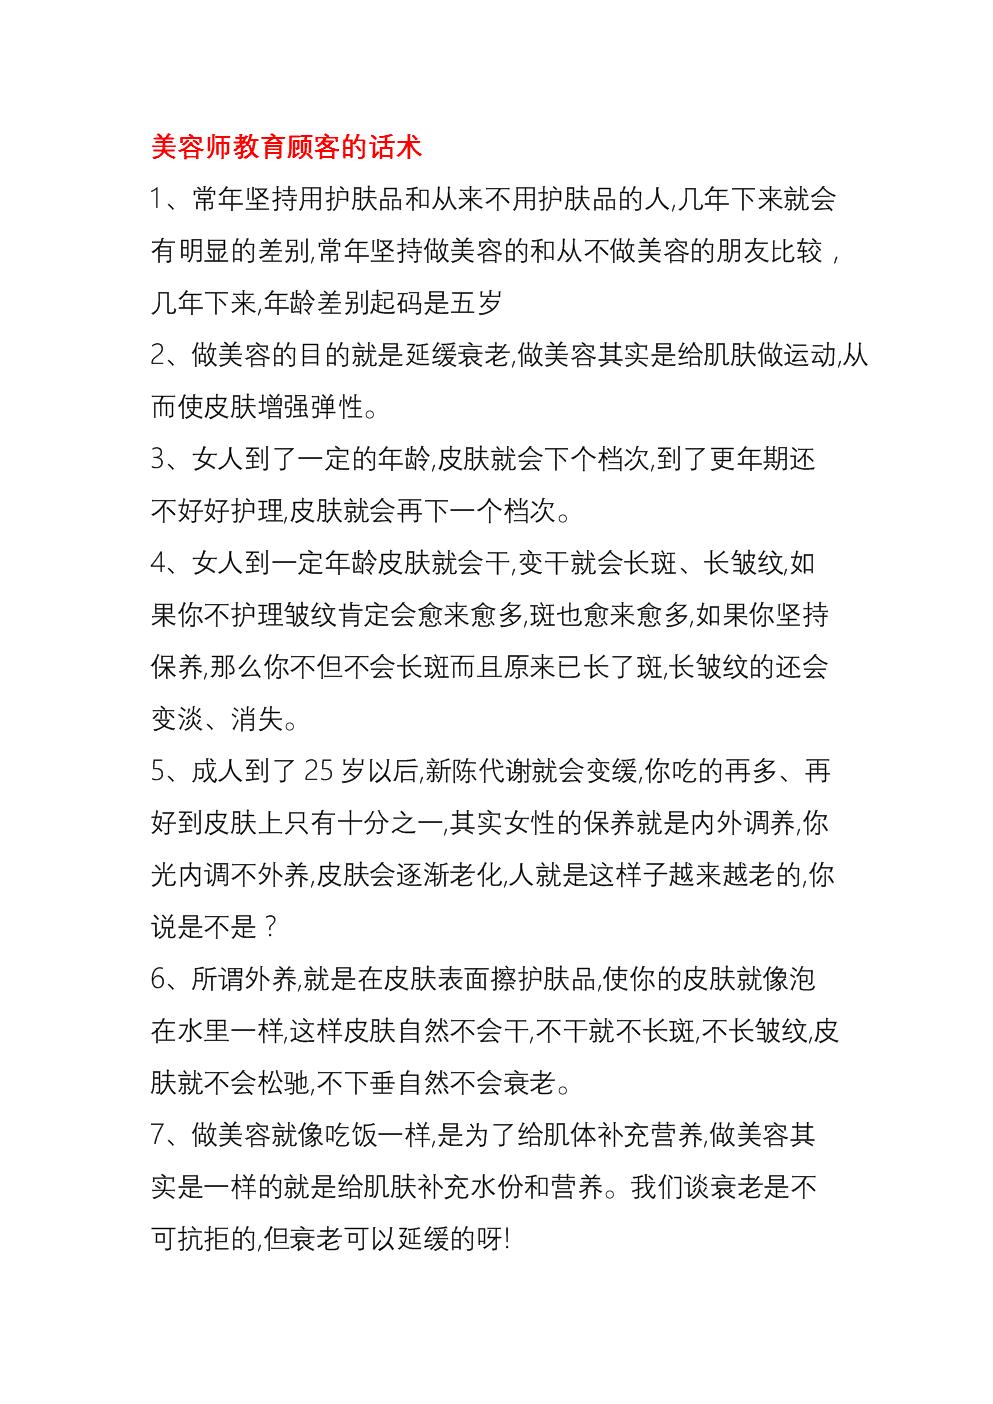 美容师教育顾客的话术.docx